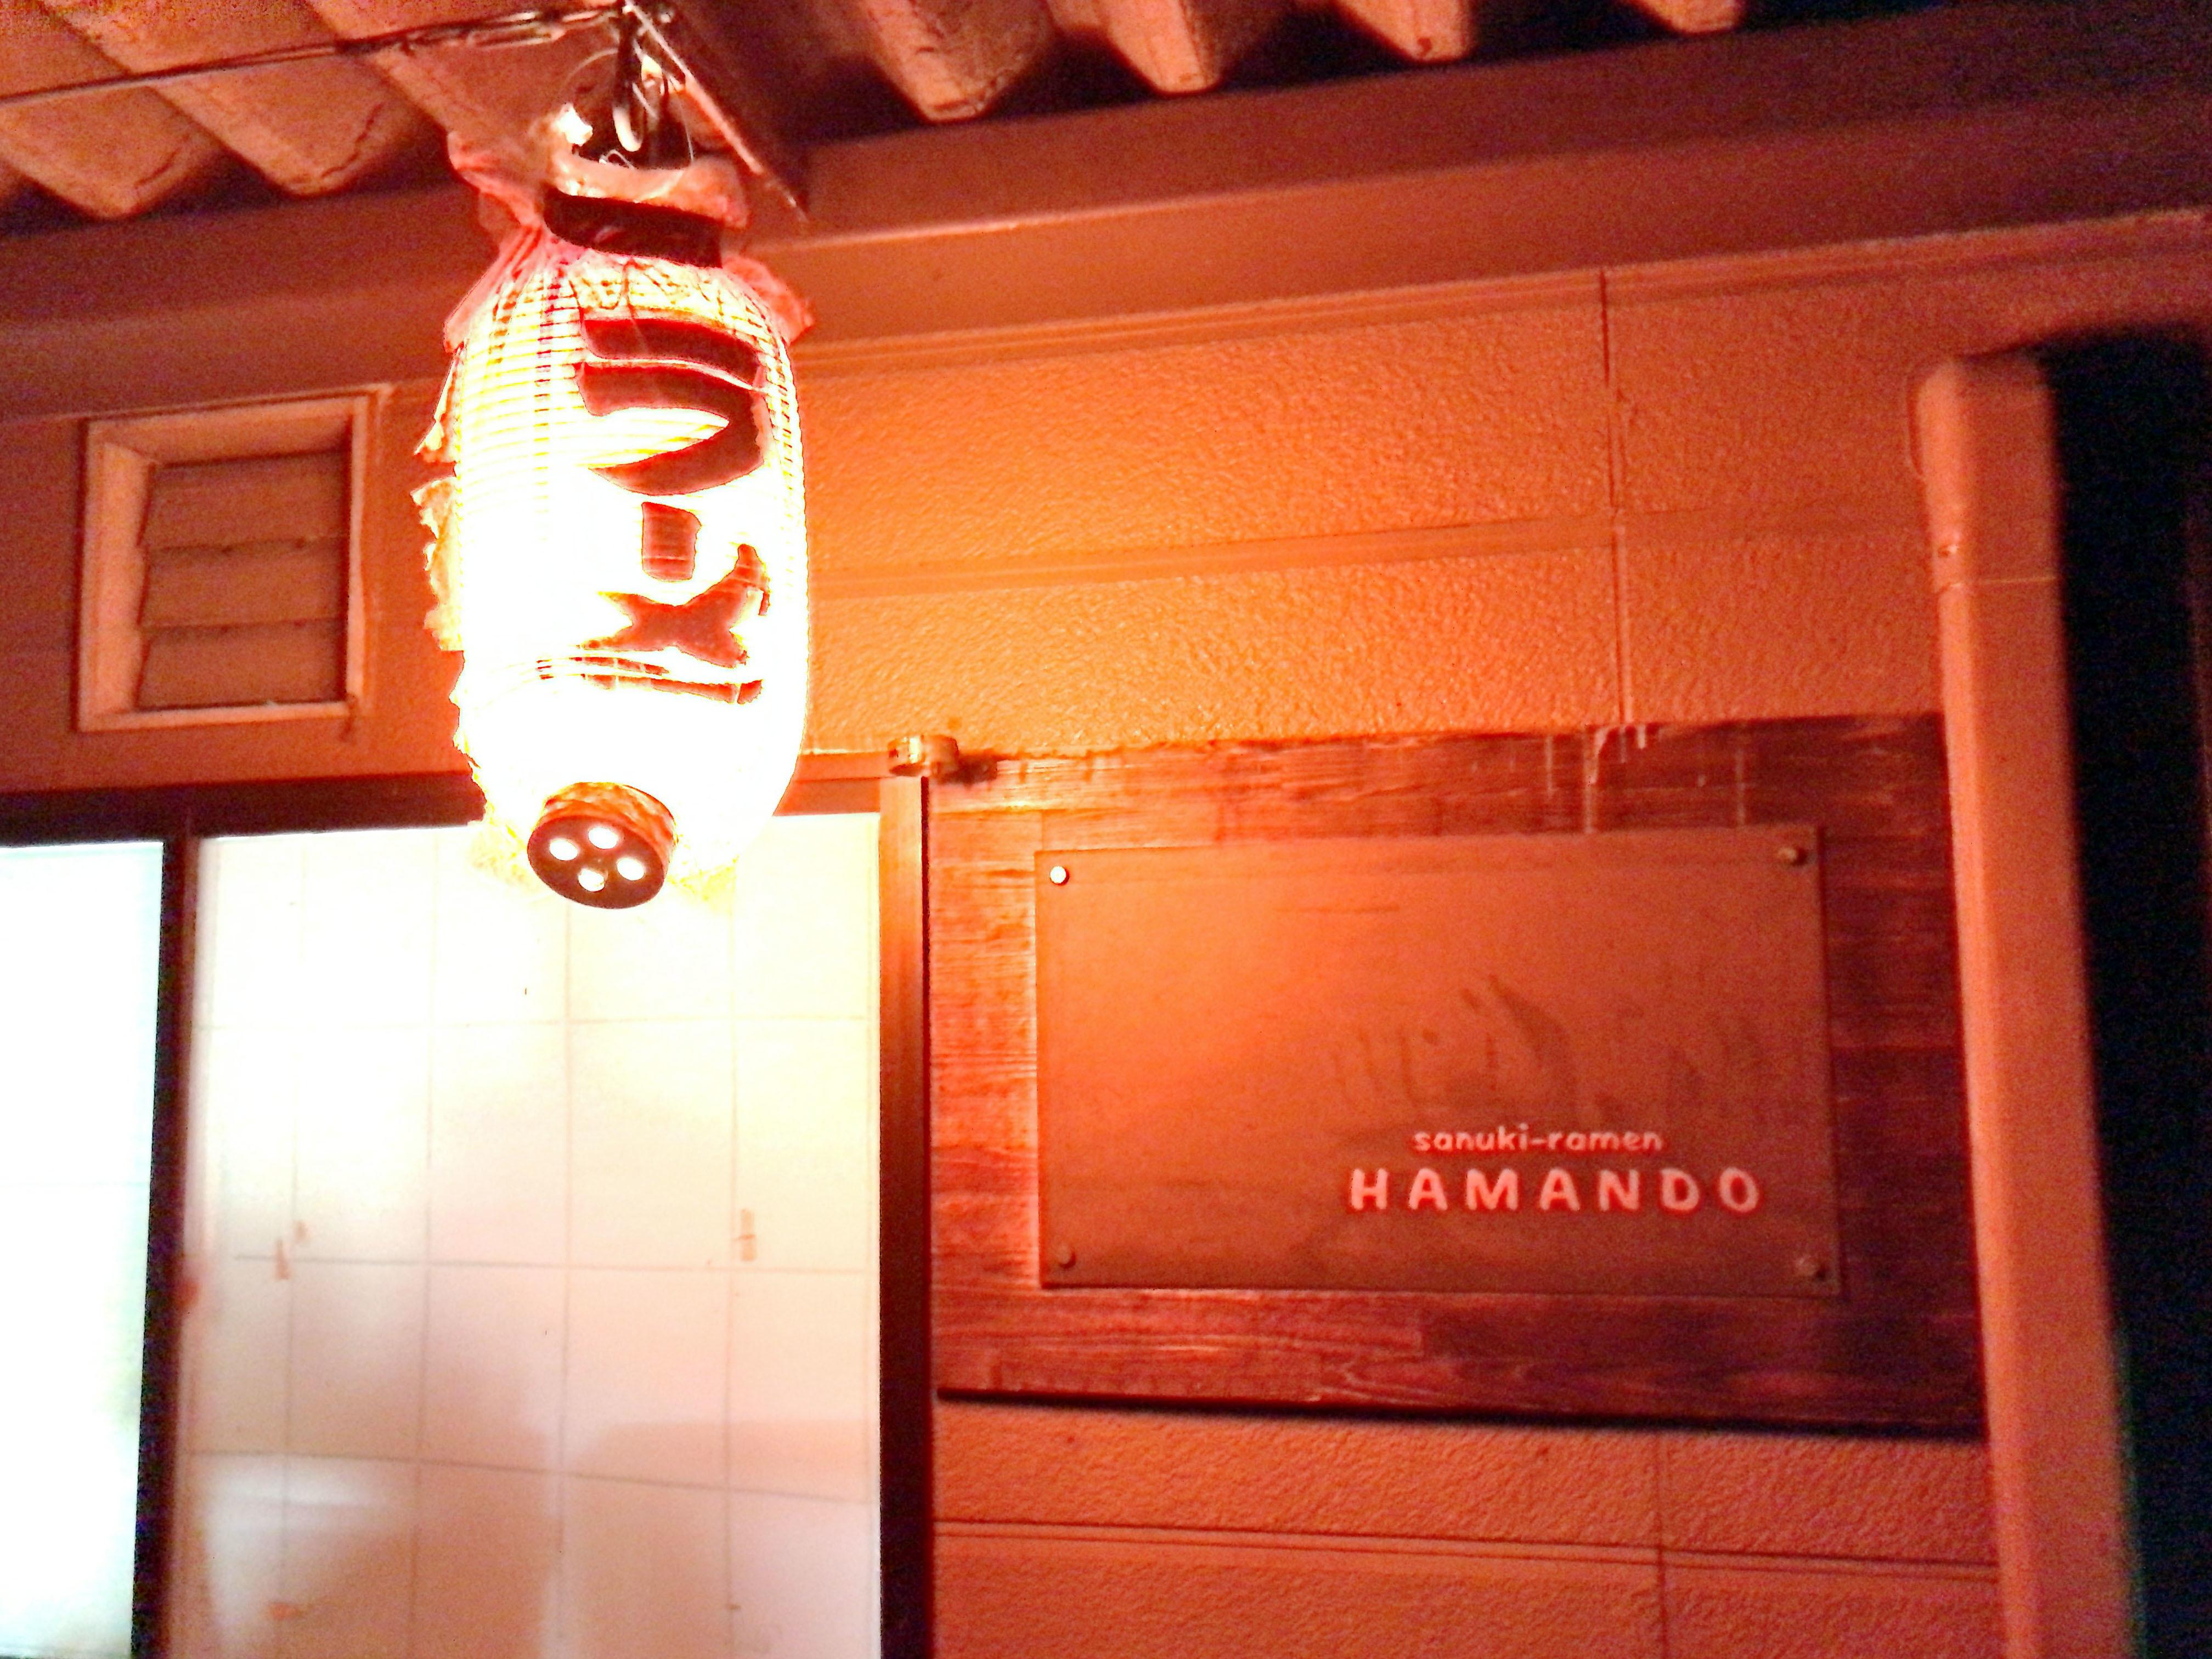 朝ラーメン 浜堂(はまんど)